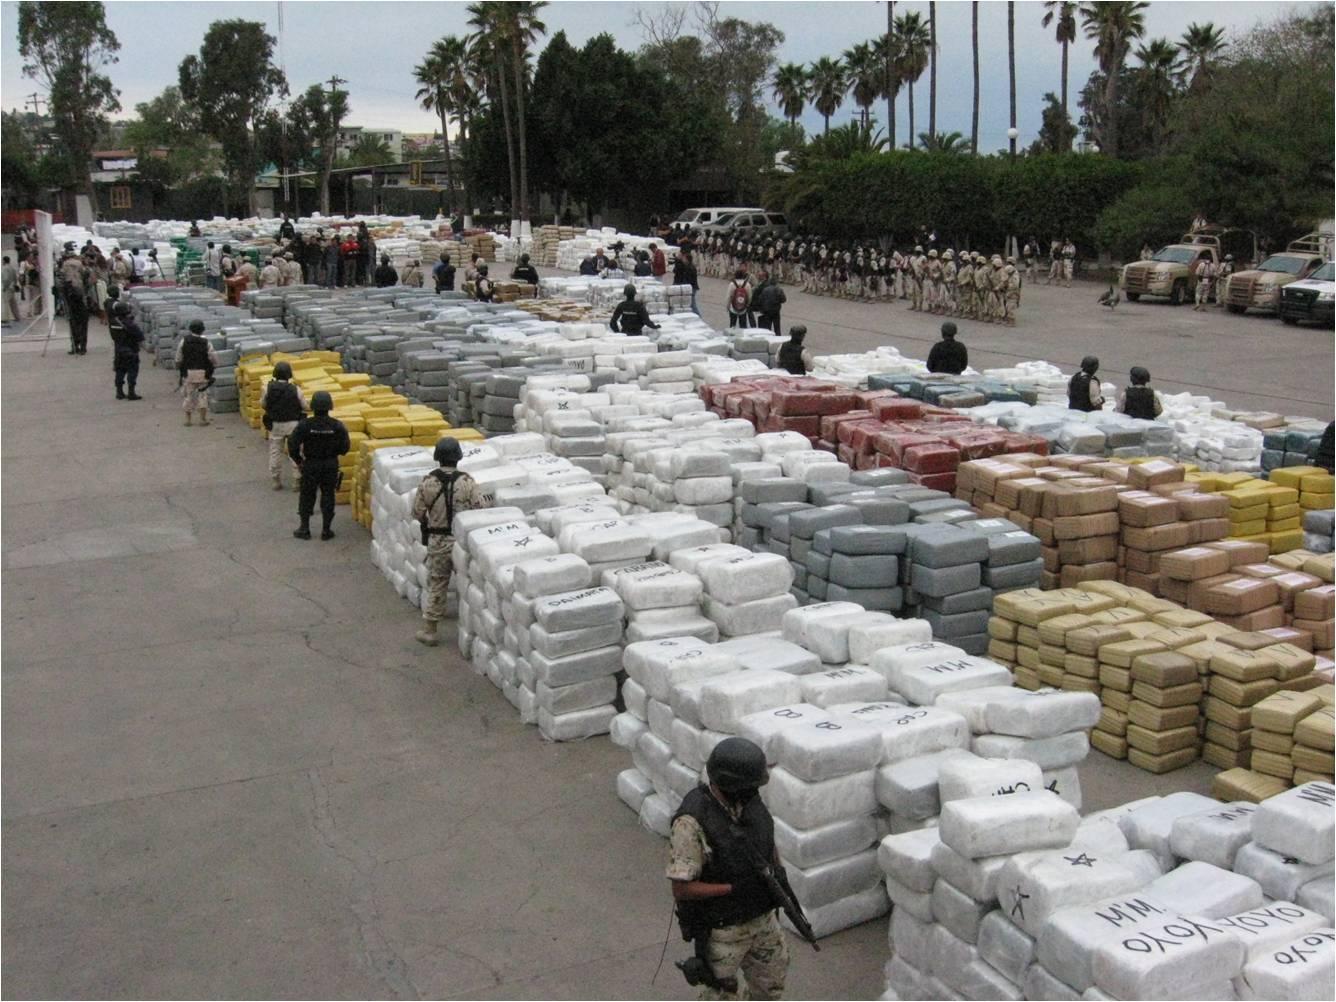 Solo el 25% de la droga que transitó por RD fue decomisa por autoridades, dice embajador EE.UU.